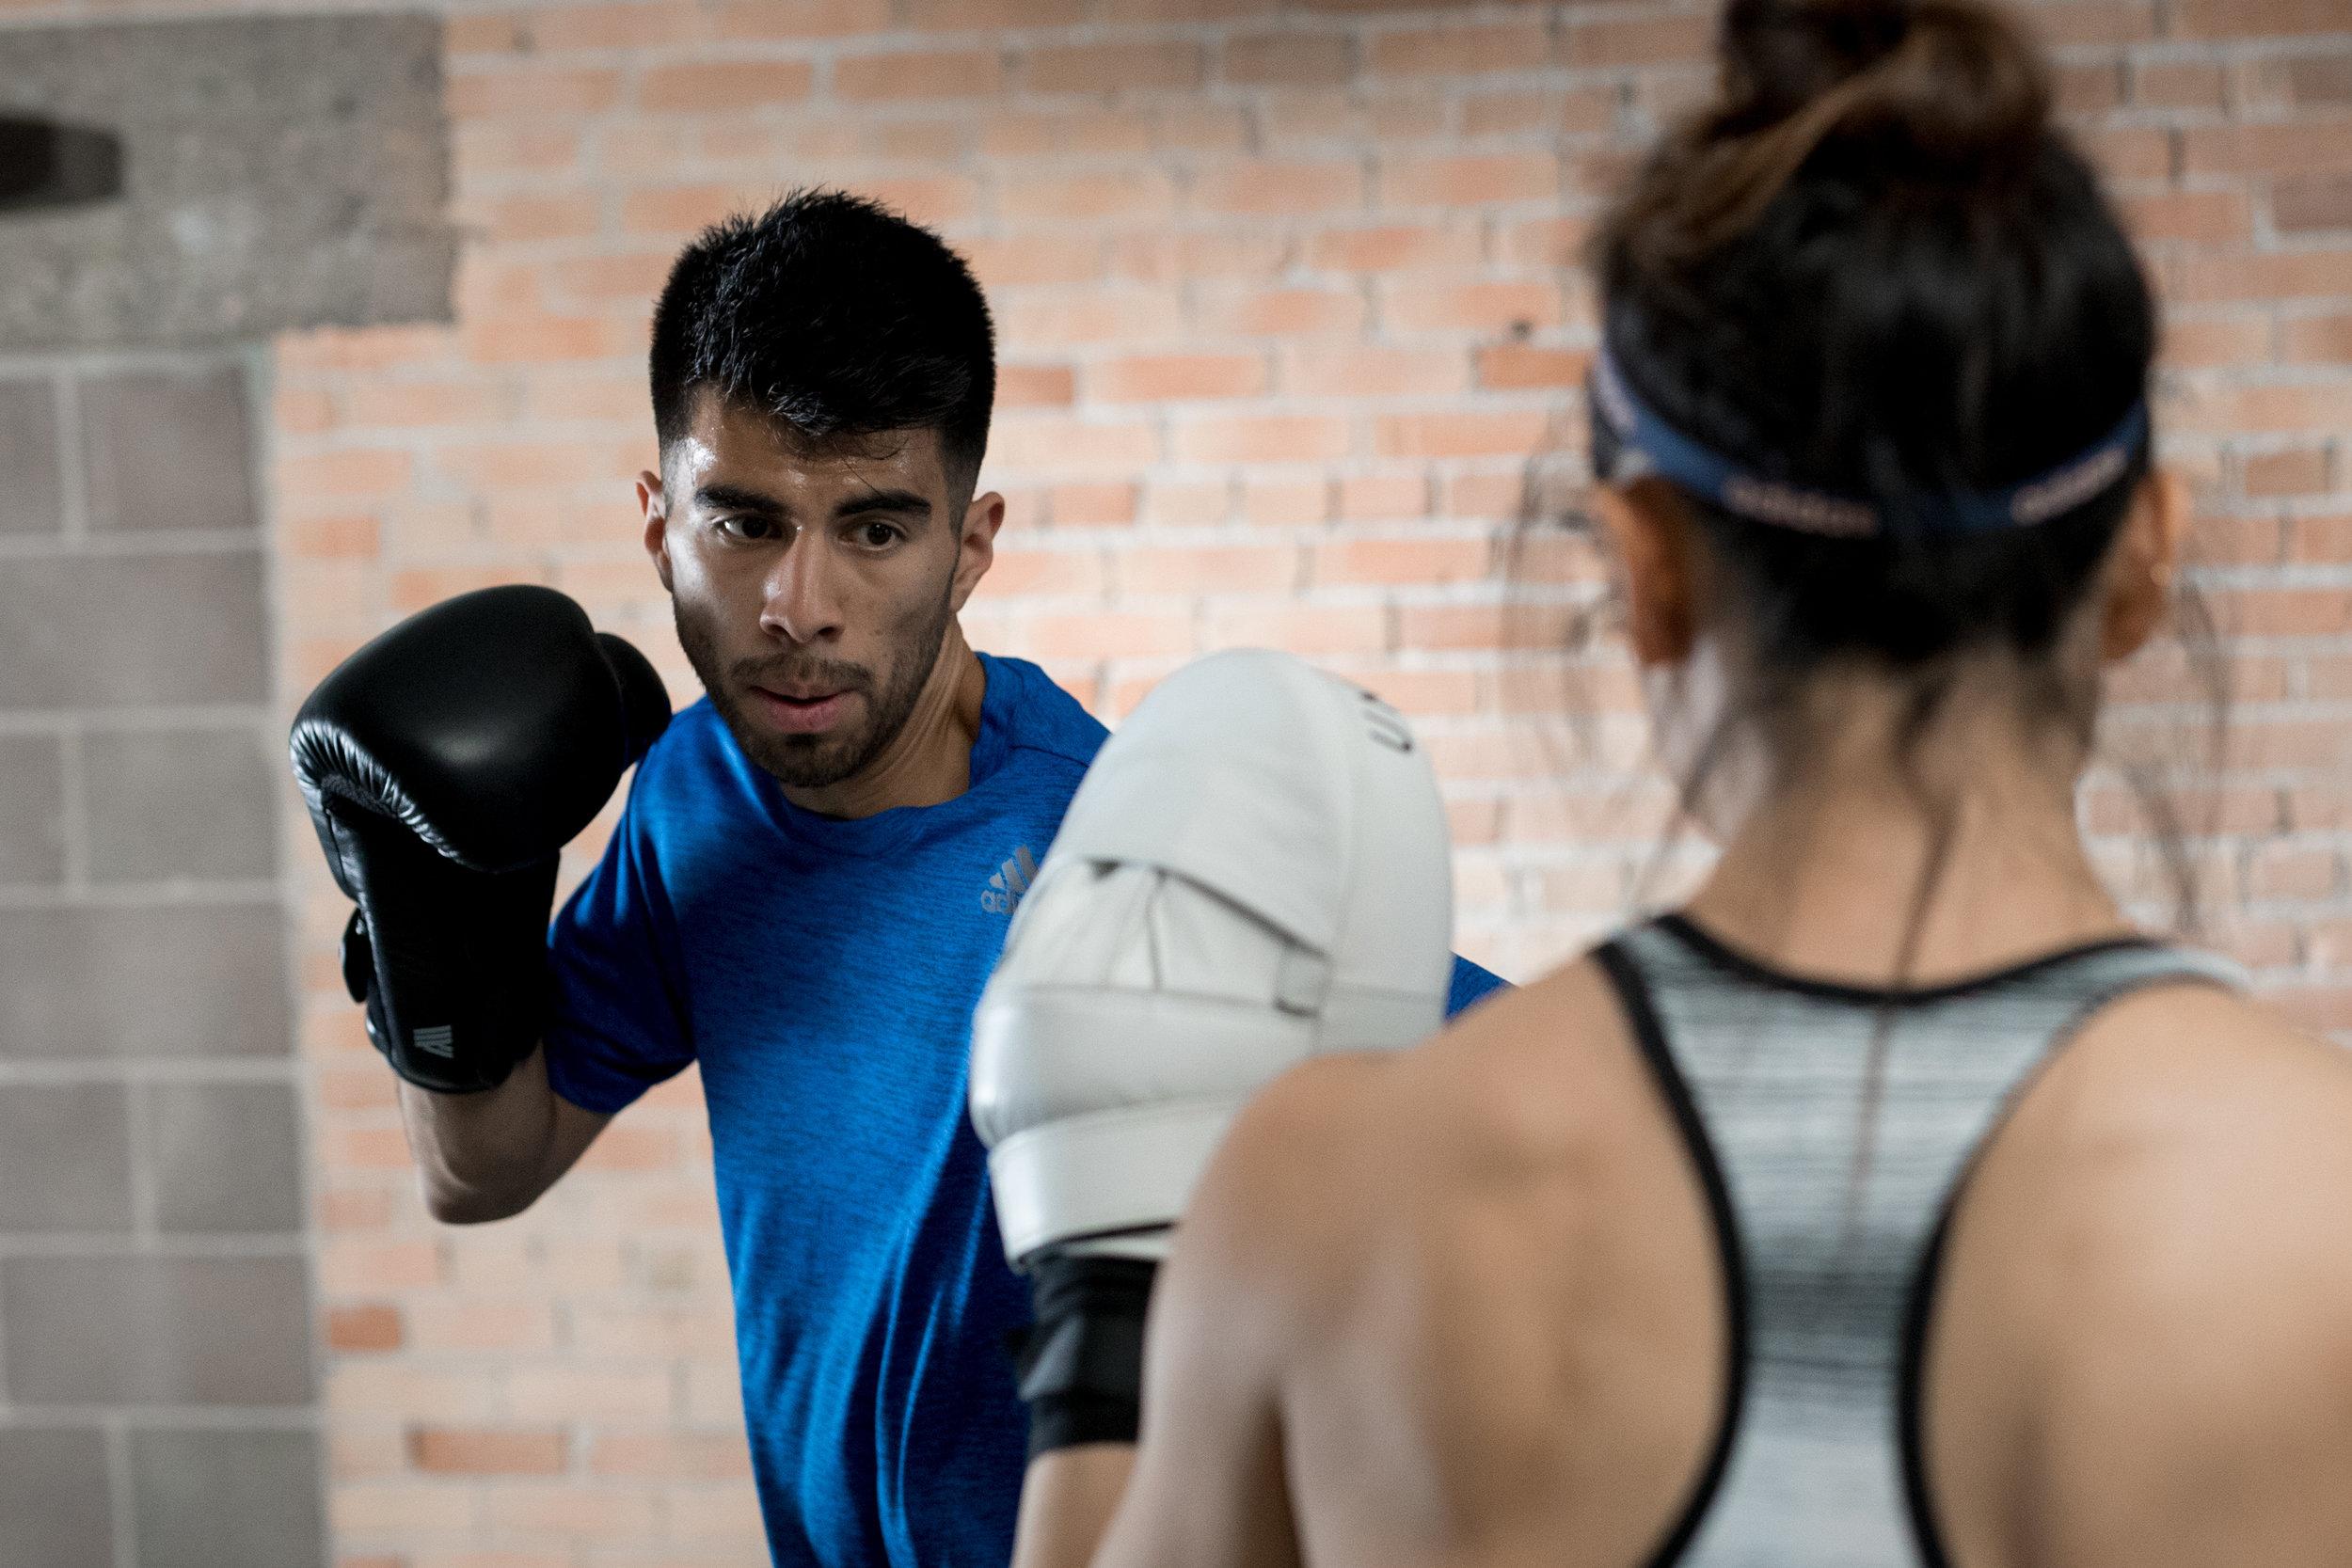 SC-Fitness-Boxing-NF1_0934.jpg